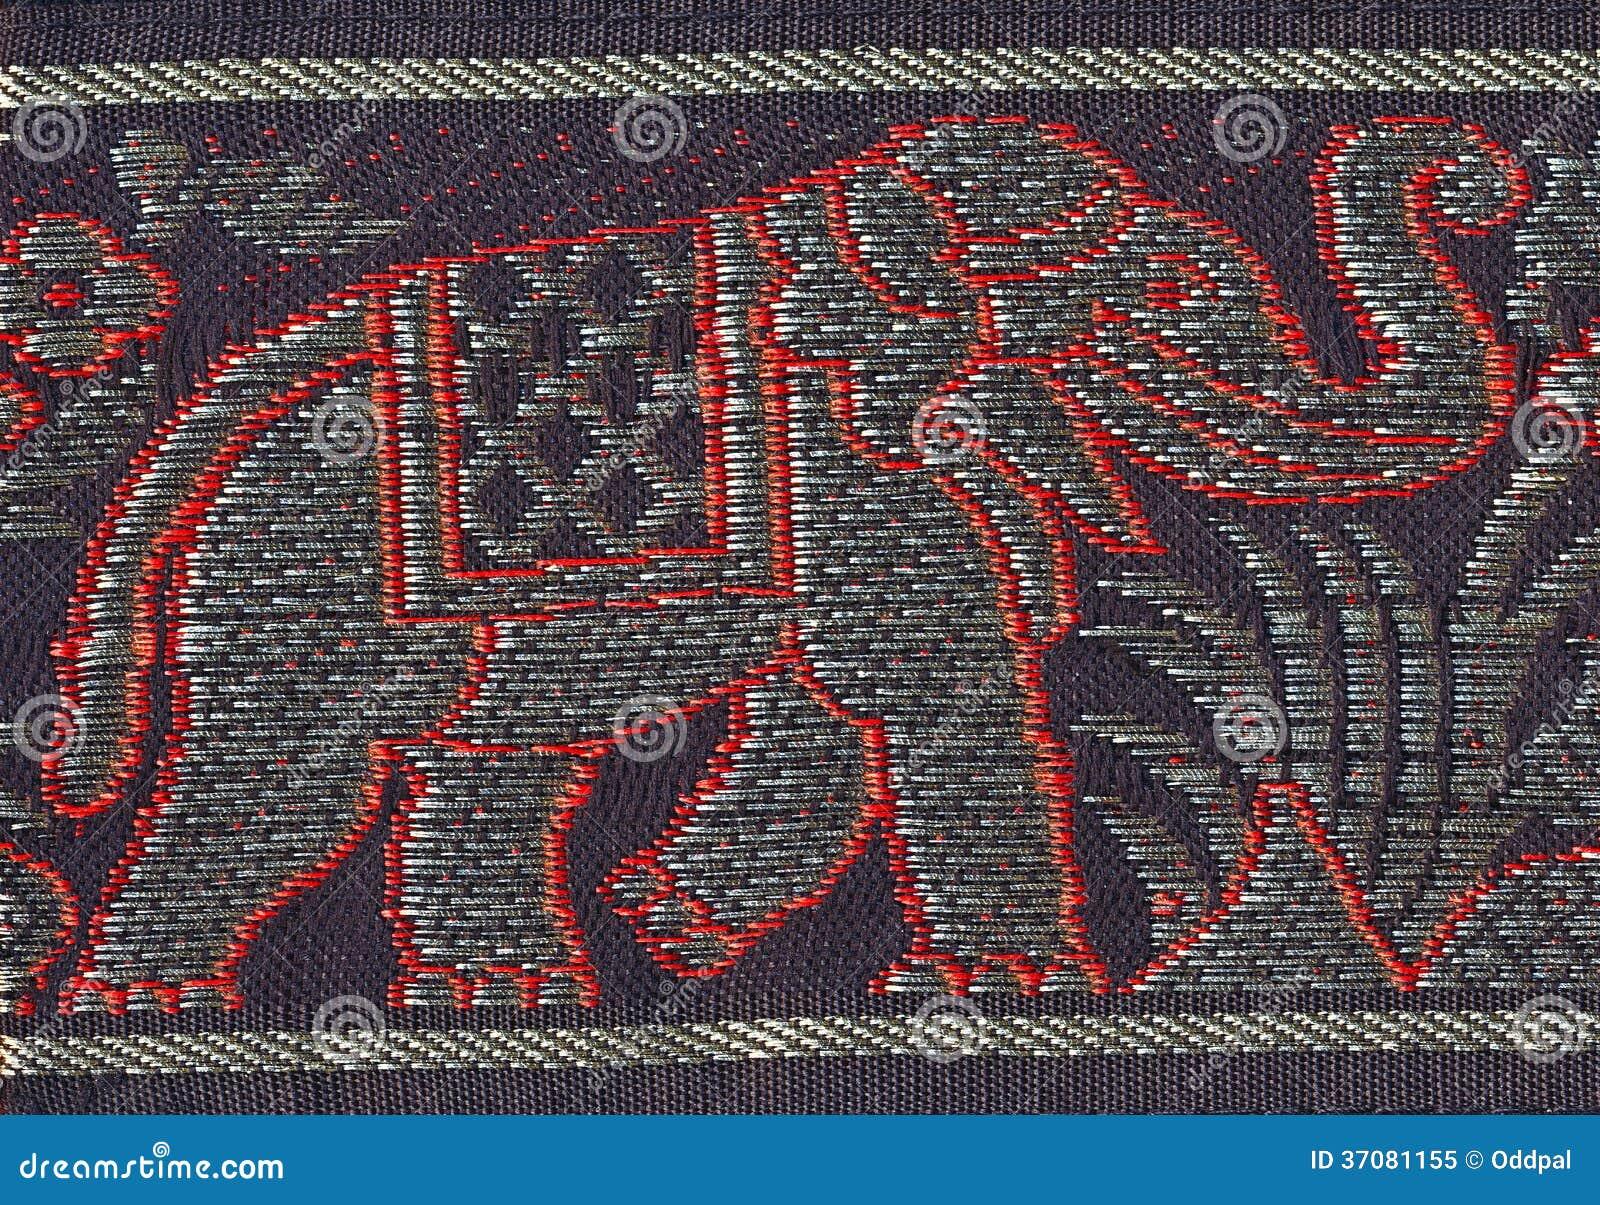 Download Upiększony słoń obraz stock. Obraz złożonej z kwiaty - 37081155